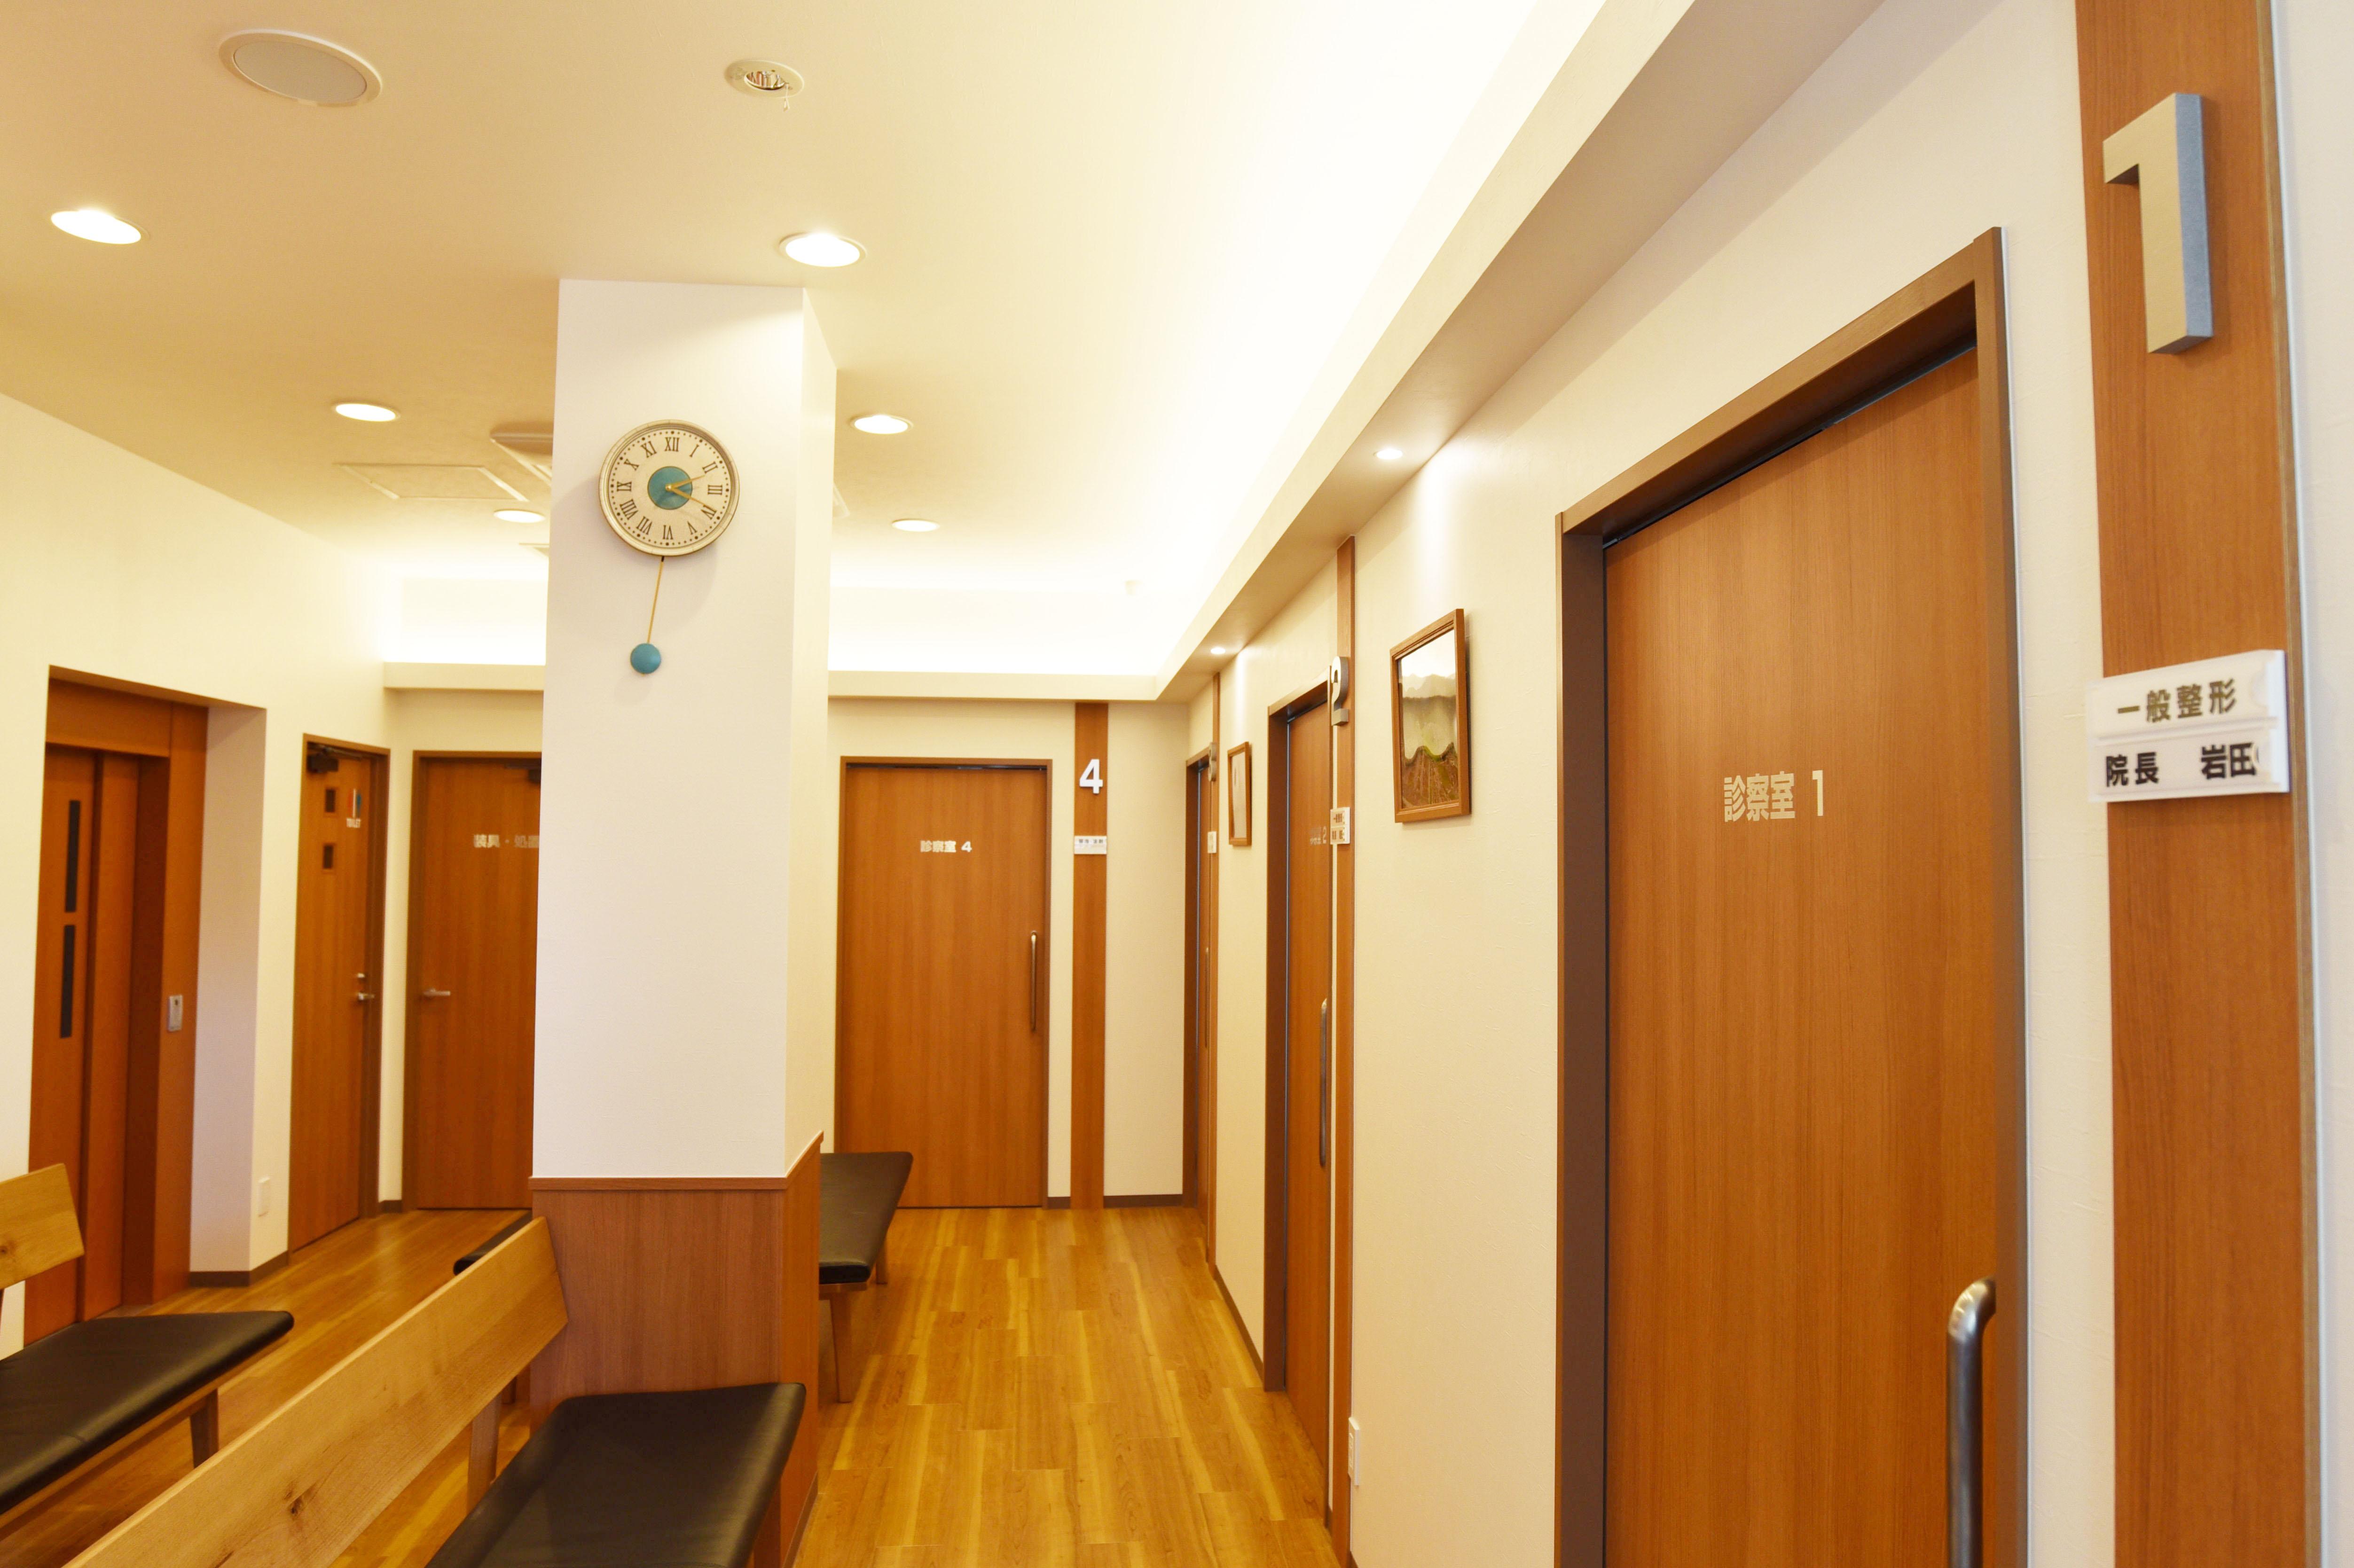 1F 待合室 1